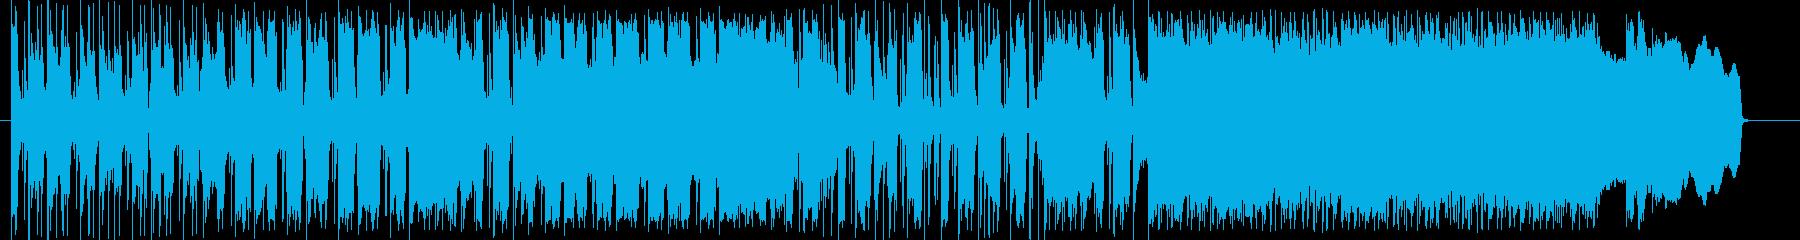 ワイルドかつストイックなブルースロックの再生済みの波形